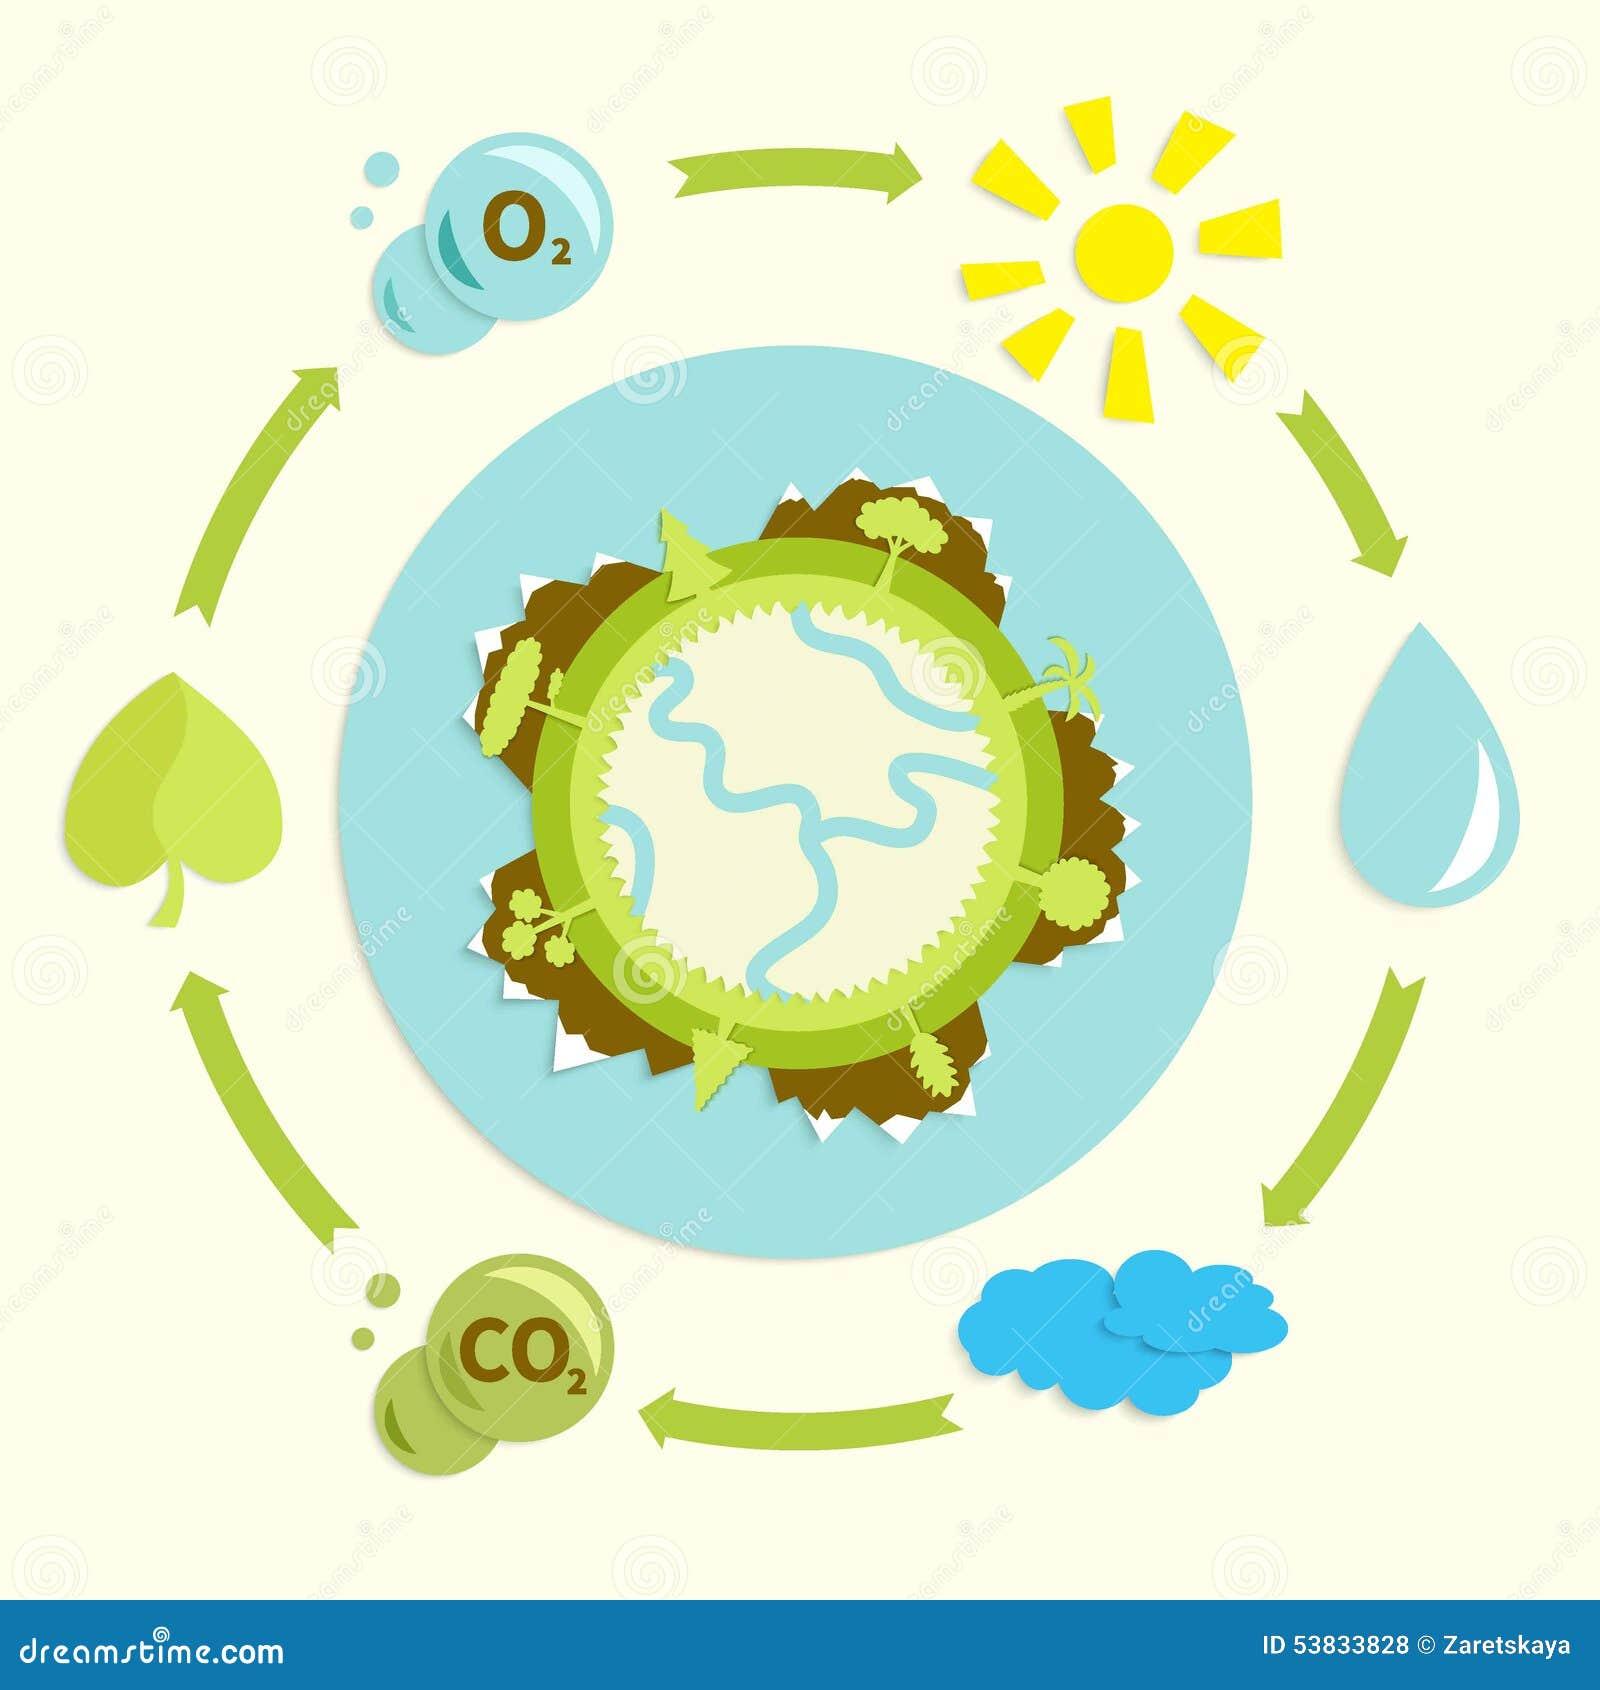 Ecologische plackard